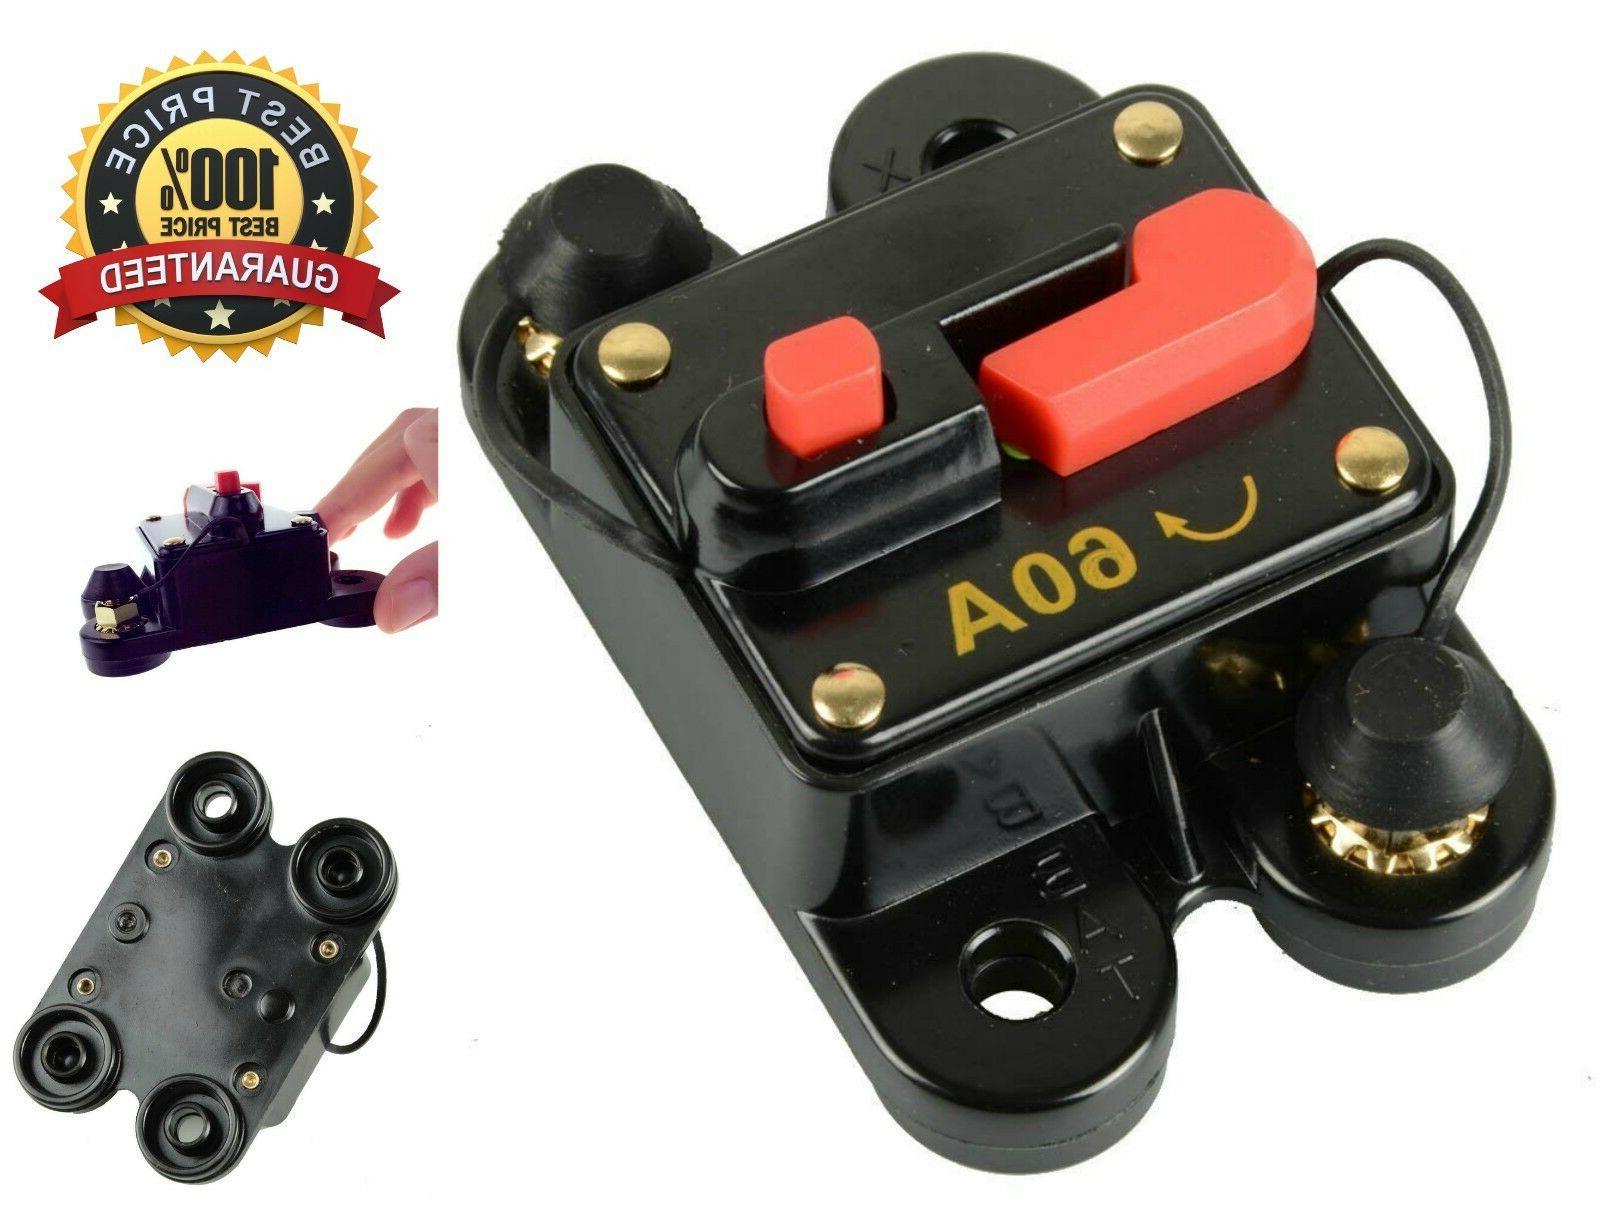 60 Amp Circuit Breaker Trolling Motor Car Marine Boat Bike S